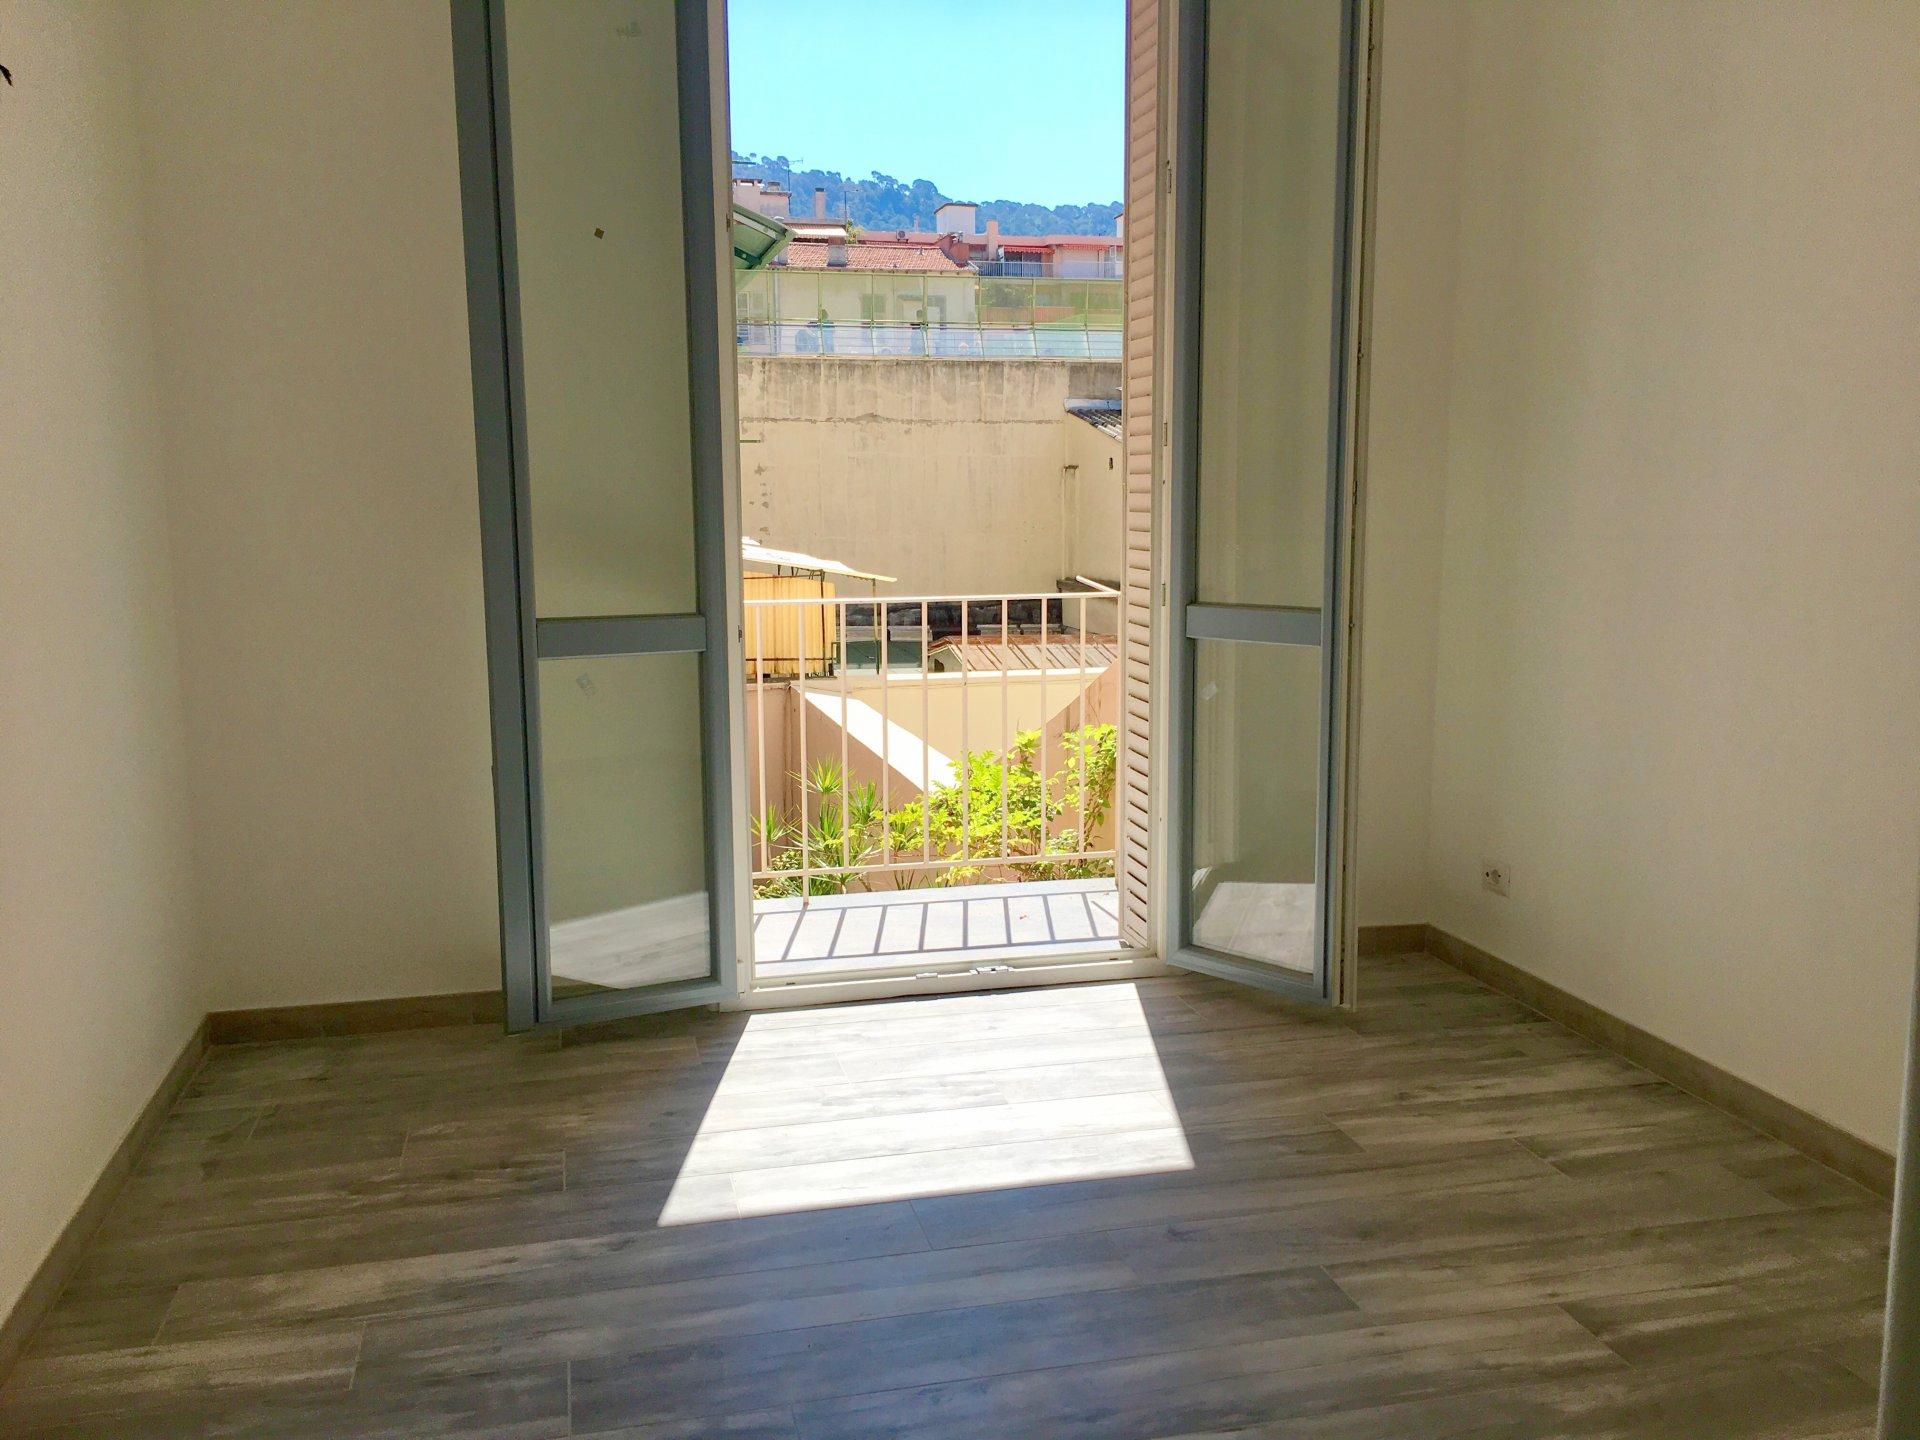 Location appartement 2 pièces 37.34 m² situé à Nice quartier Port